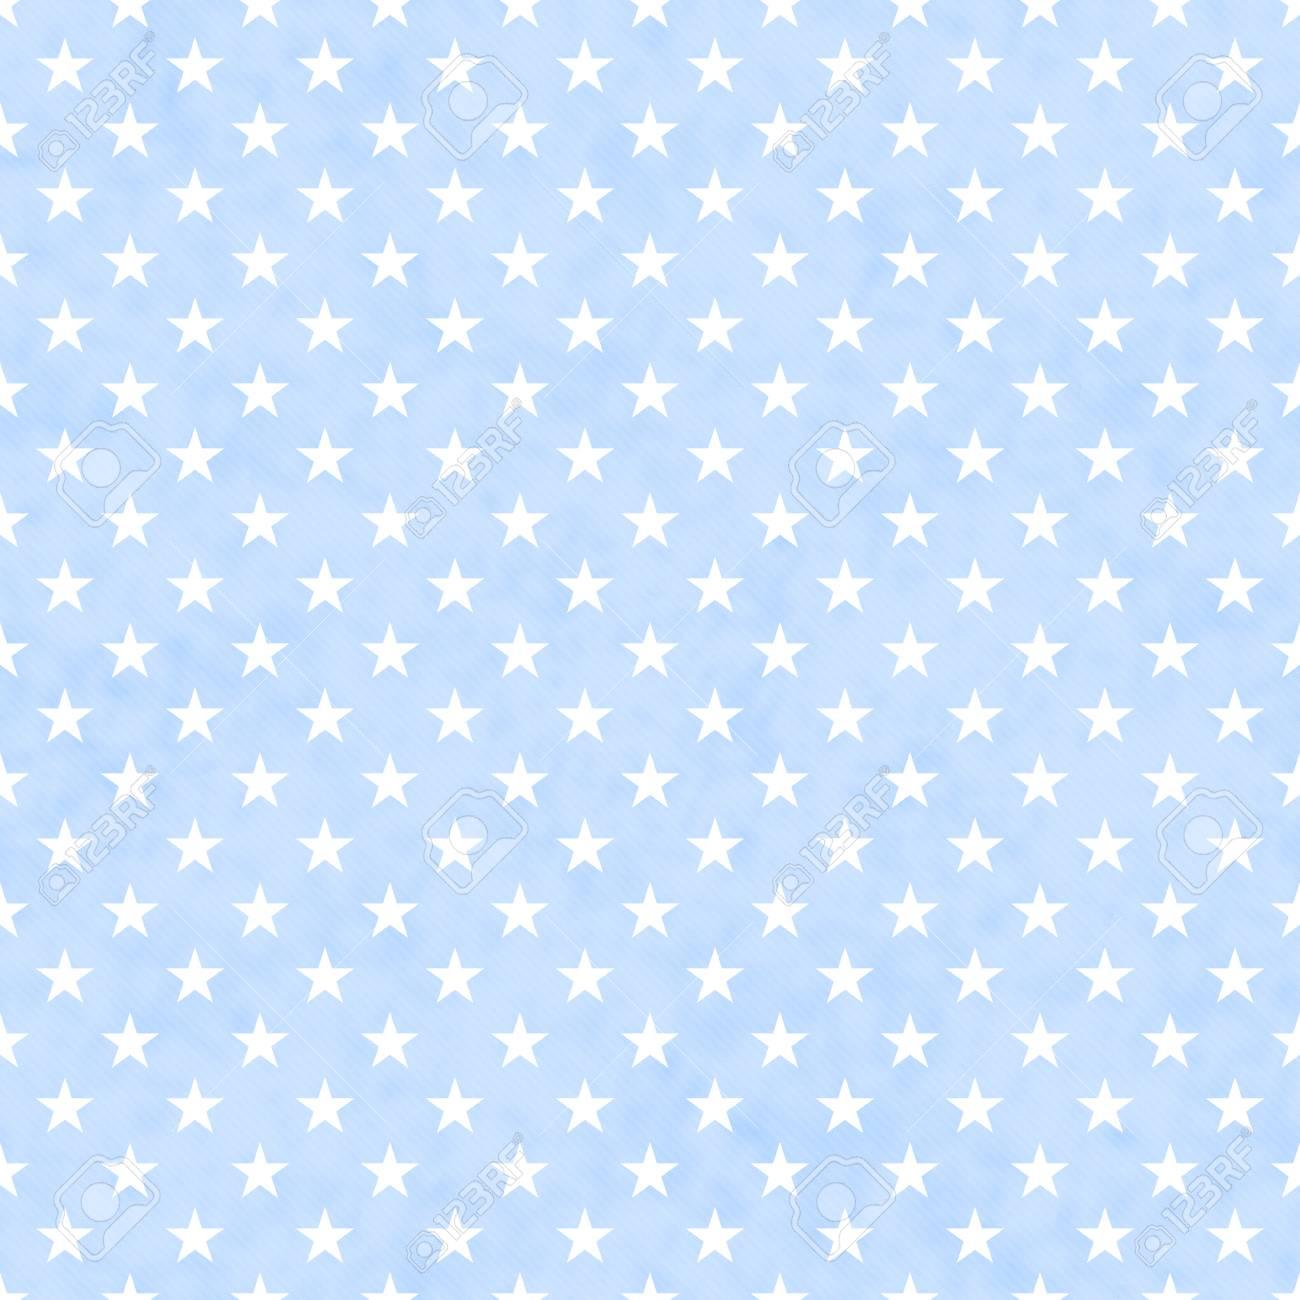 シームレスな青と白の星柄のテクスチャ背景 の写真素材 画像素材